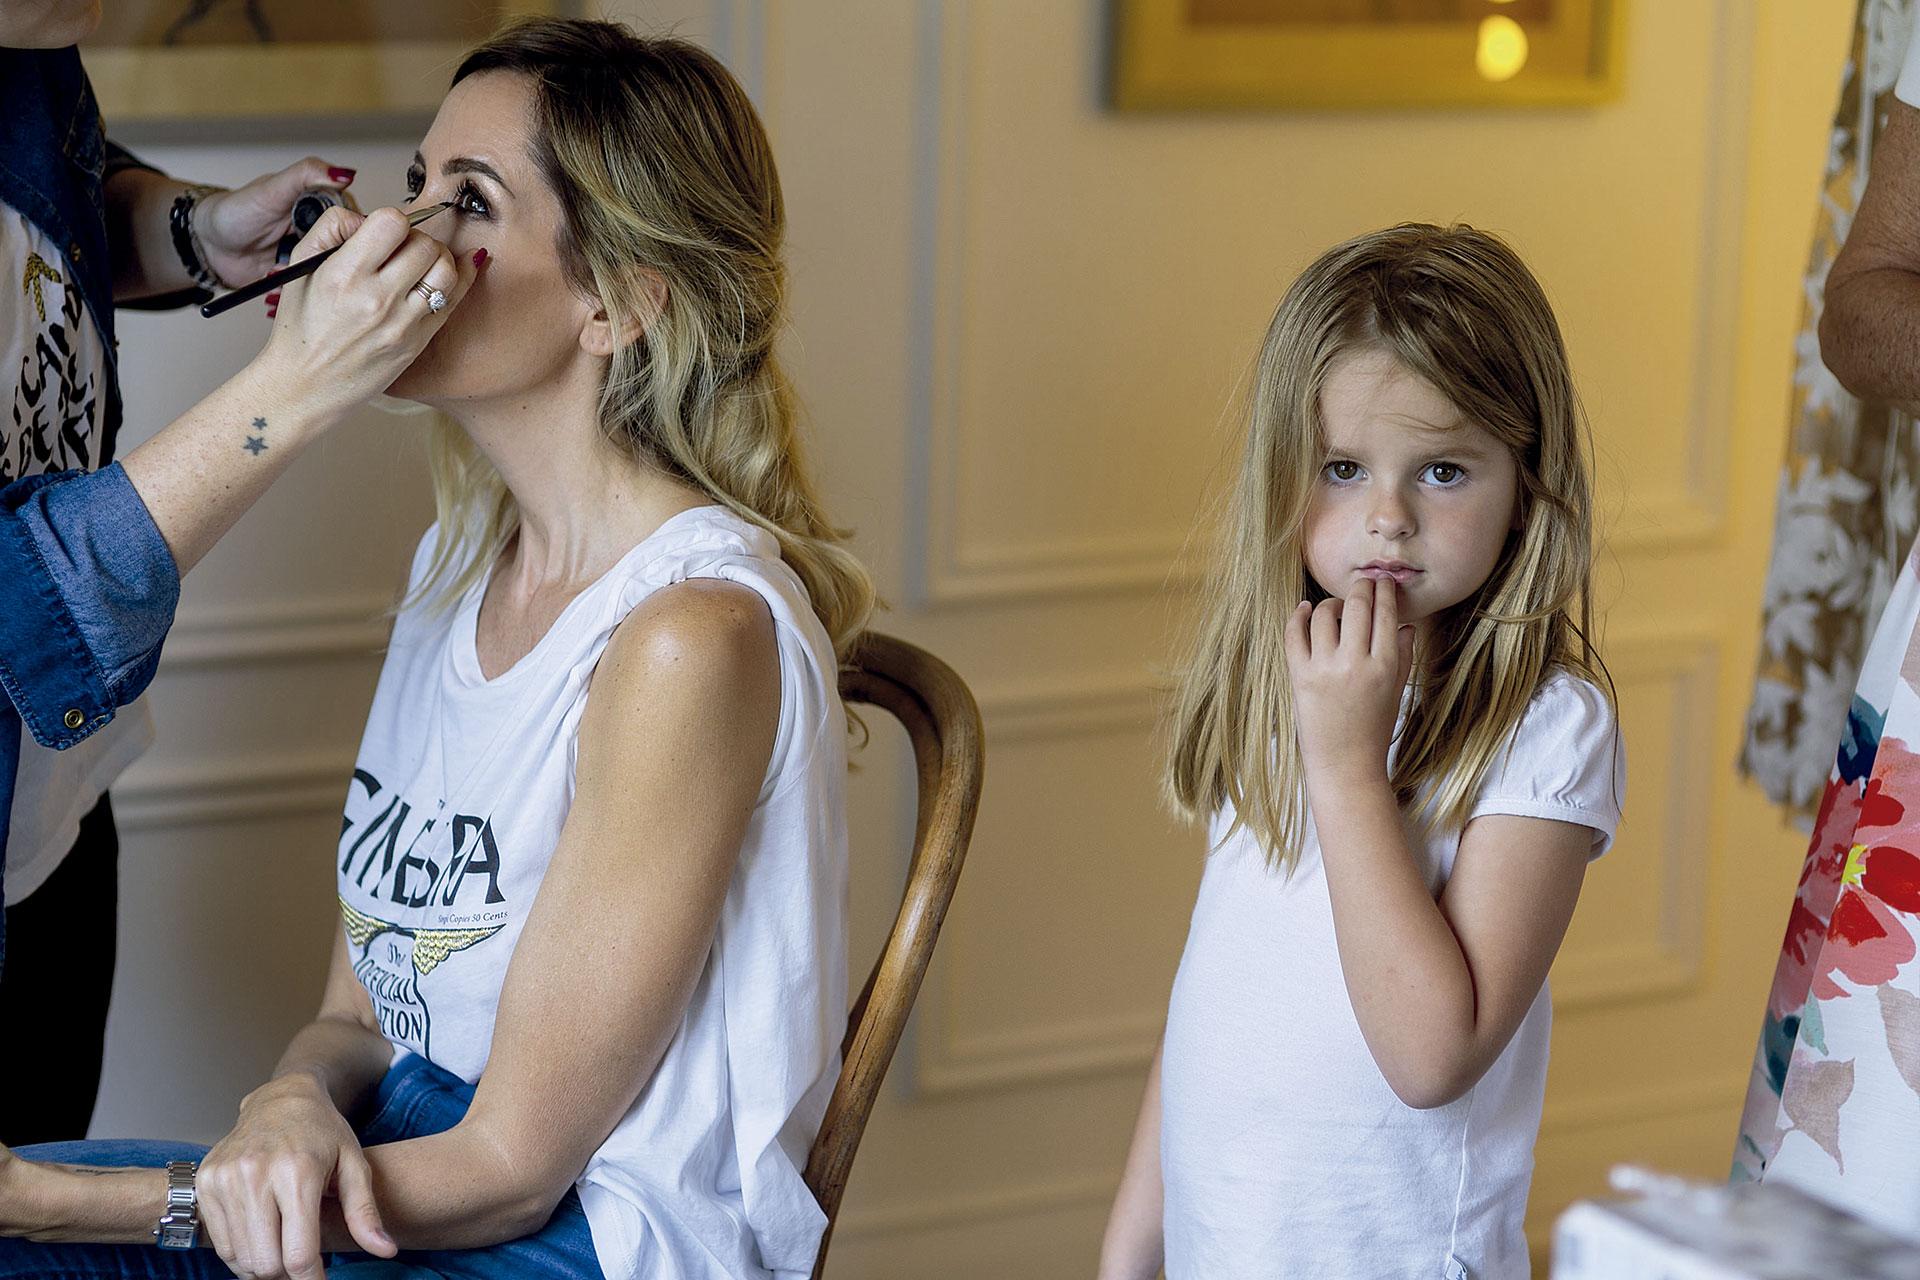 Lala en plena sesión de make-up junto a su hija menor, Isabel, en una suite de Astilleros Milberg, horas antes de la boda